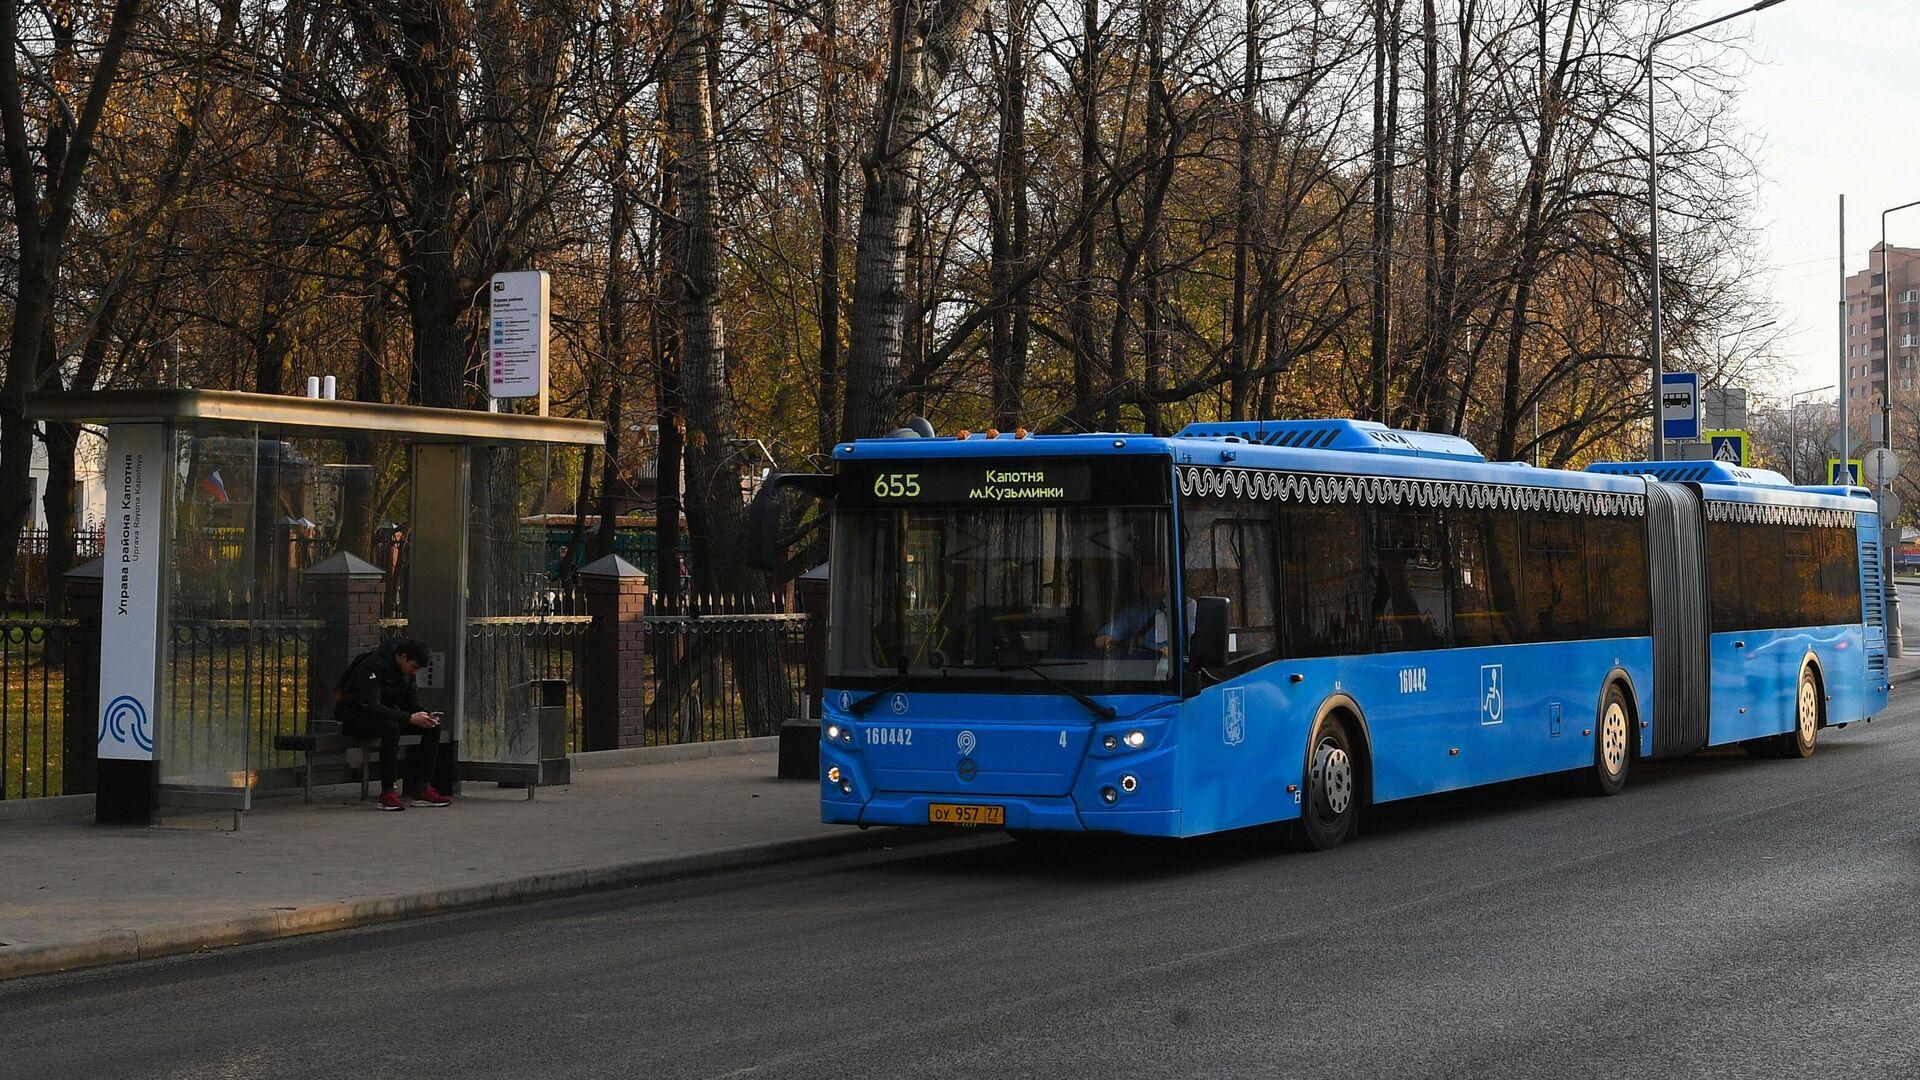 Автобус, курсирующий по маршруту 655, подъезжает к остановке в Капотне - РИА Новости, 1920, 30.01.2020